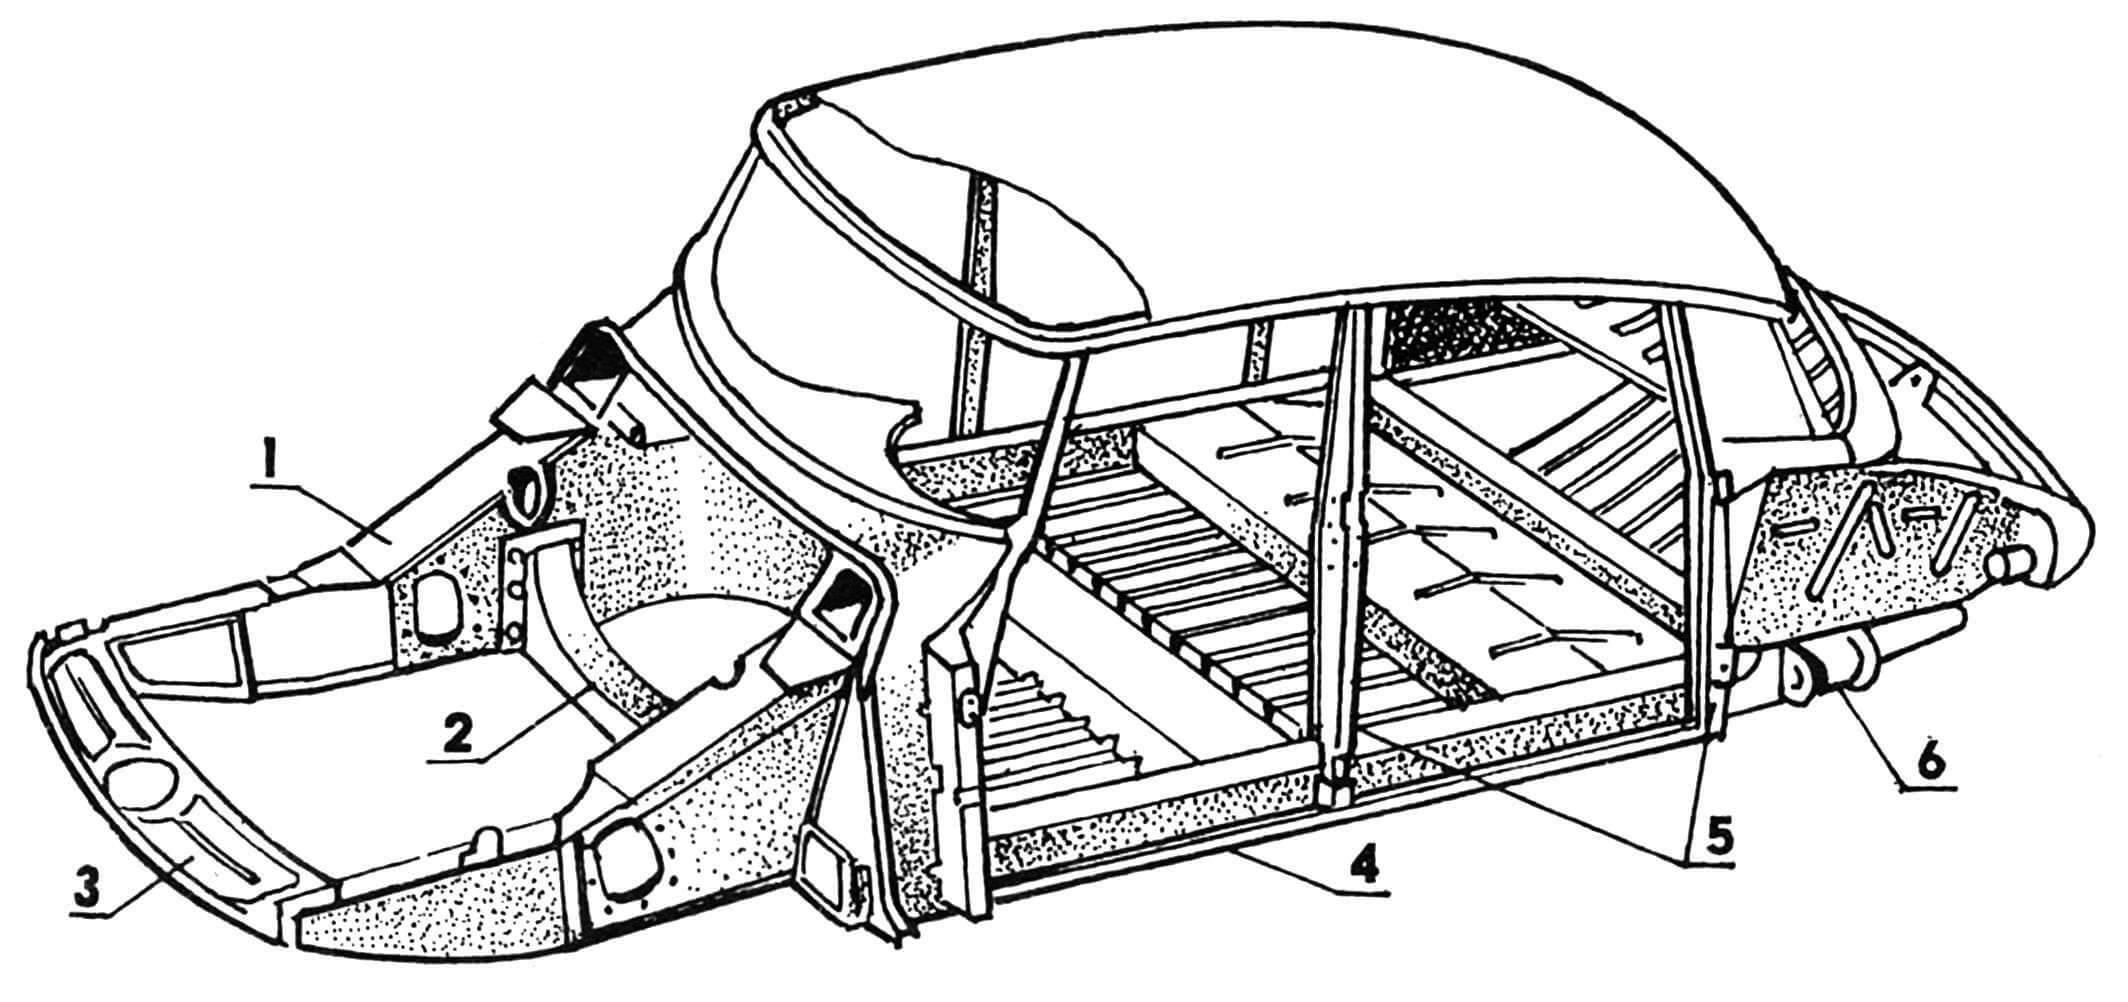 Каркас кузова: 1 — лонжерон; 2 — балка поперечная; 3 — балка передняя; 4 — порог; 5 — стойки дверных проемов; 6 — узел крепления подвески заднего колеса.